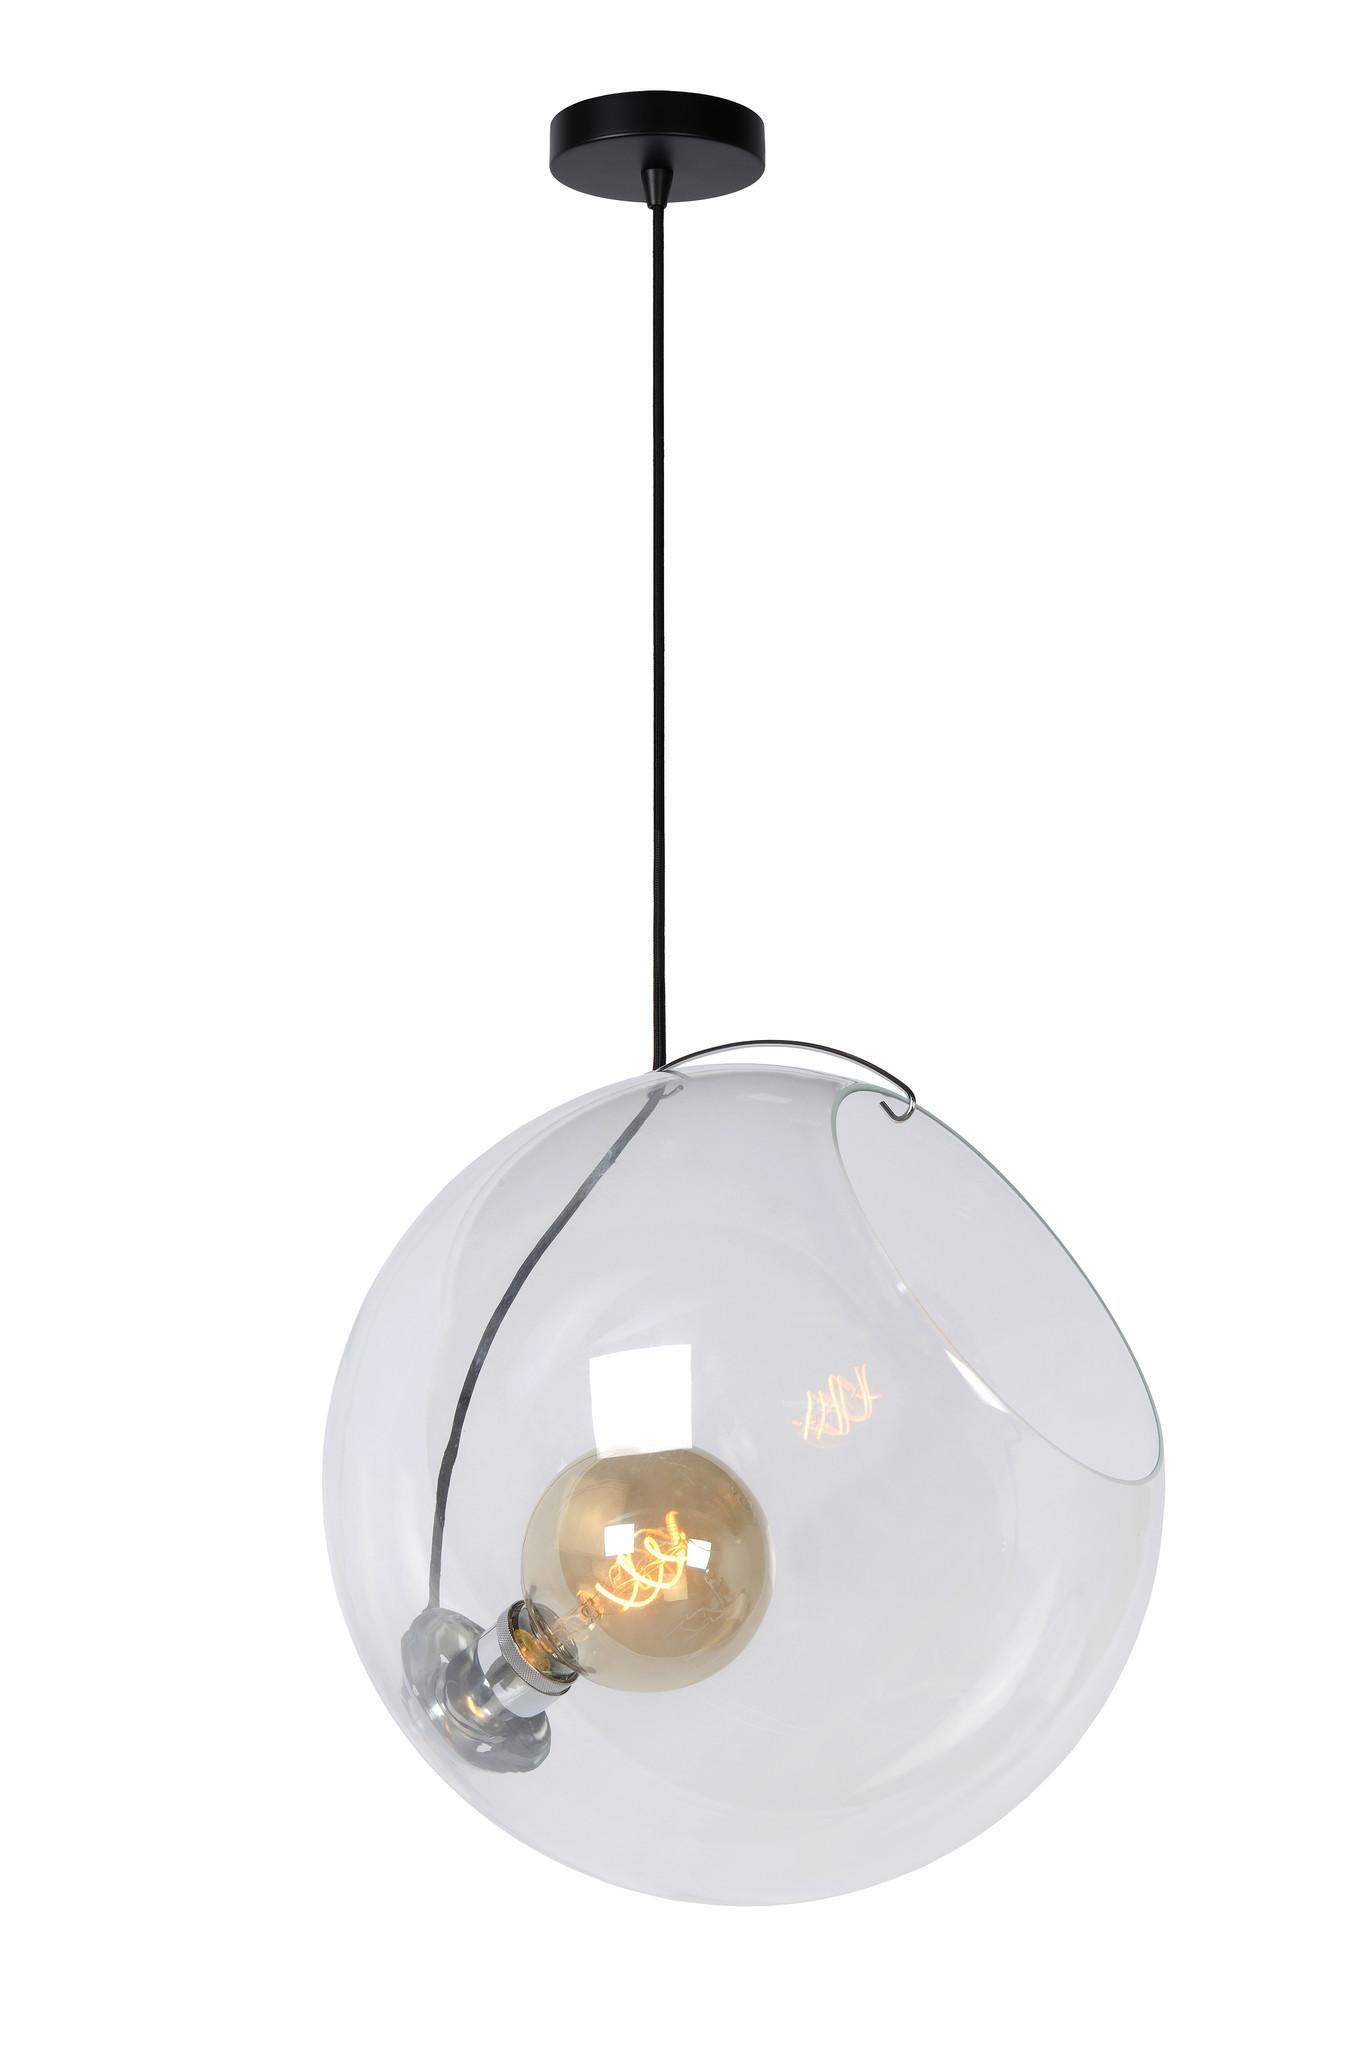 Lucide JAZZLYNN Hanglamp E27 Ø40cm Helder glas